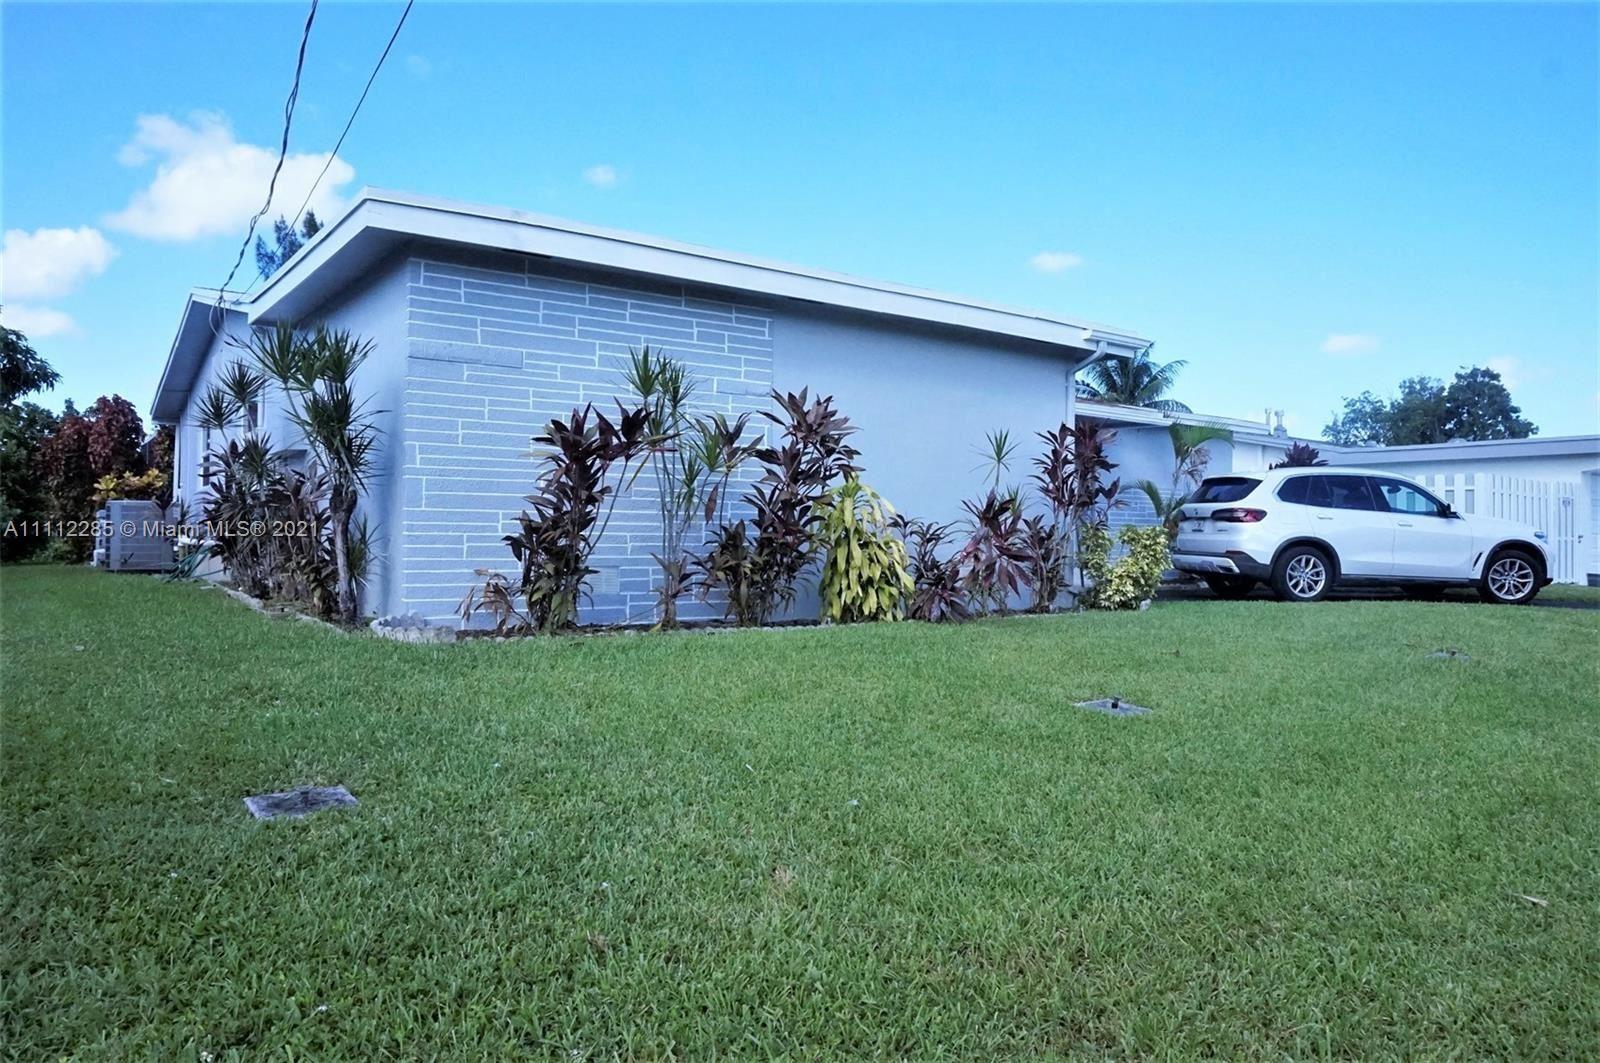 Photo of 8085 NW 21st St, Sunrise, FL 33322 (MLS # A11112285)